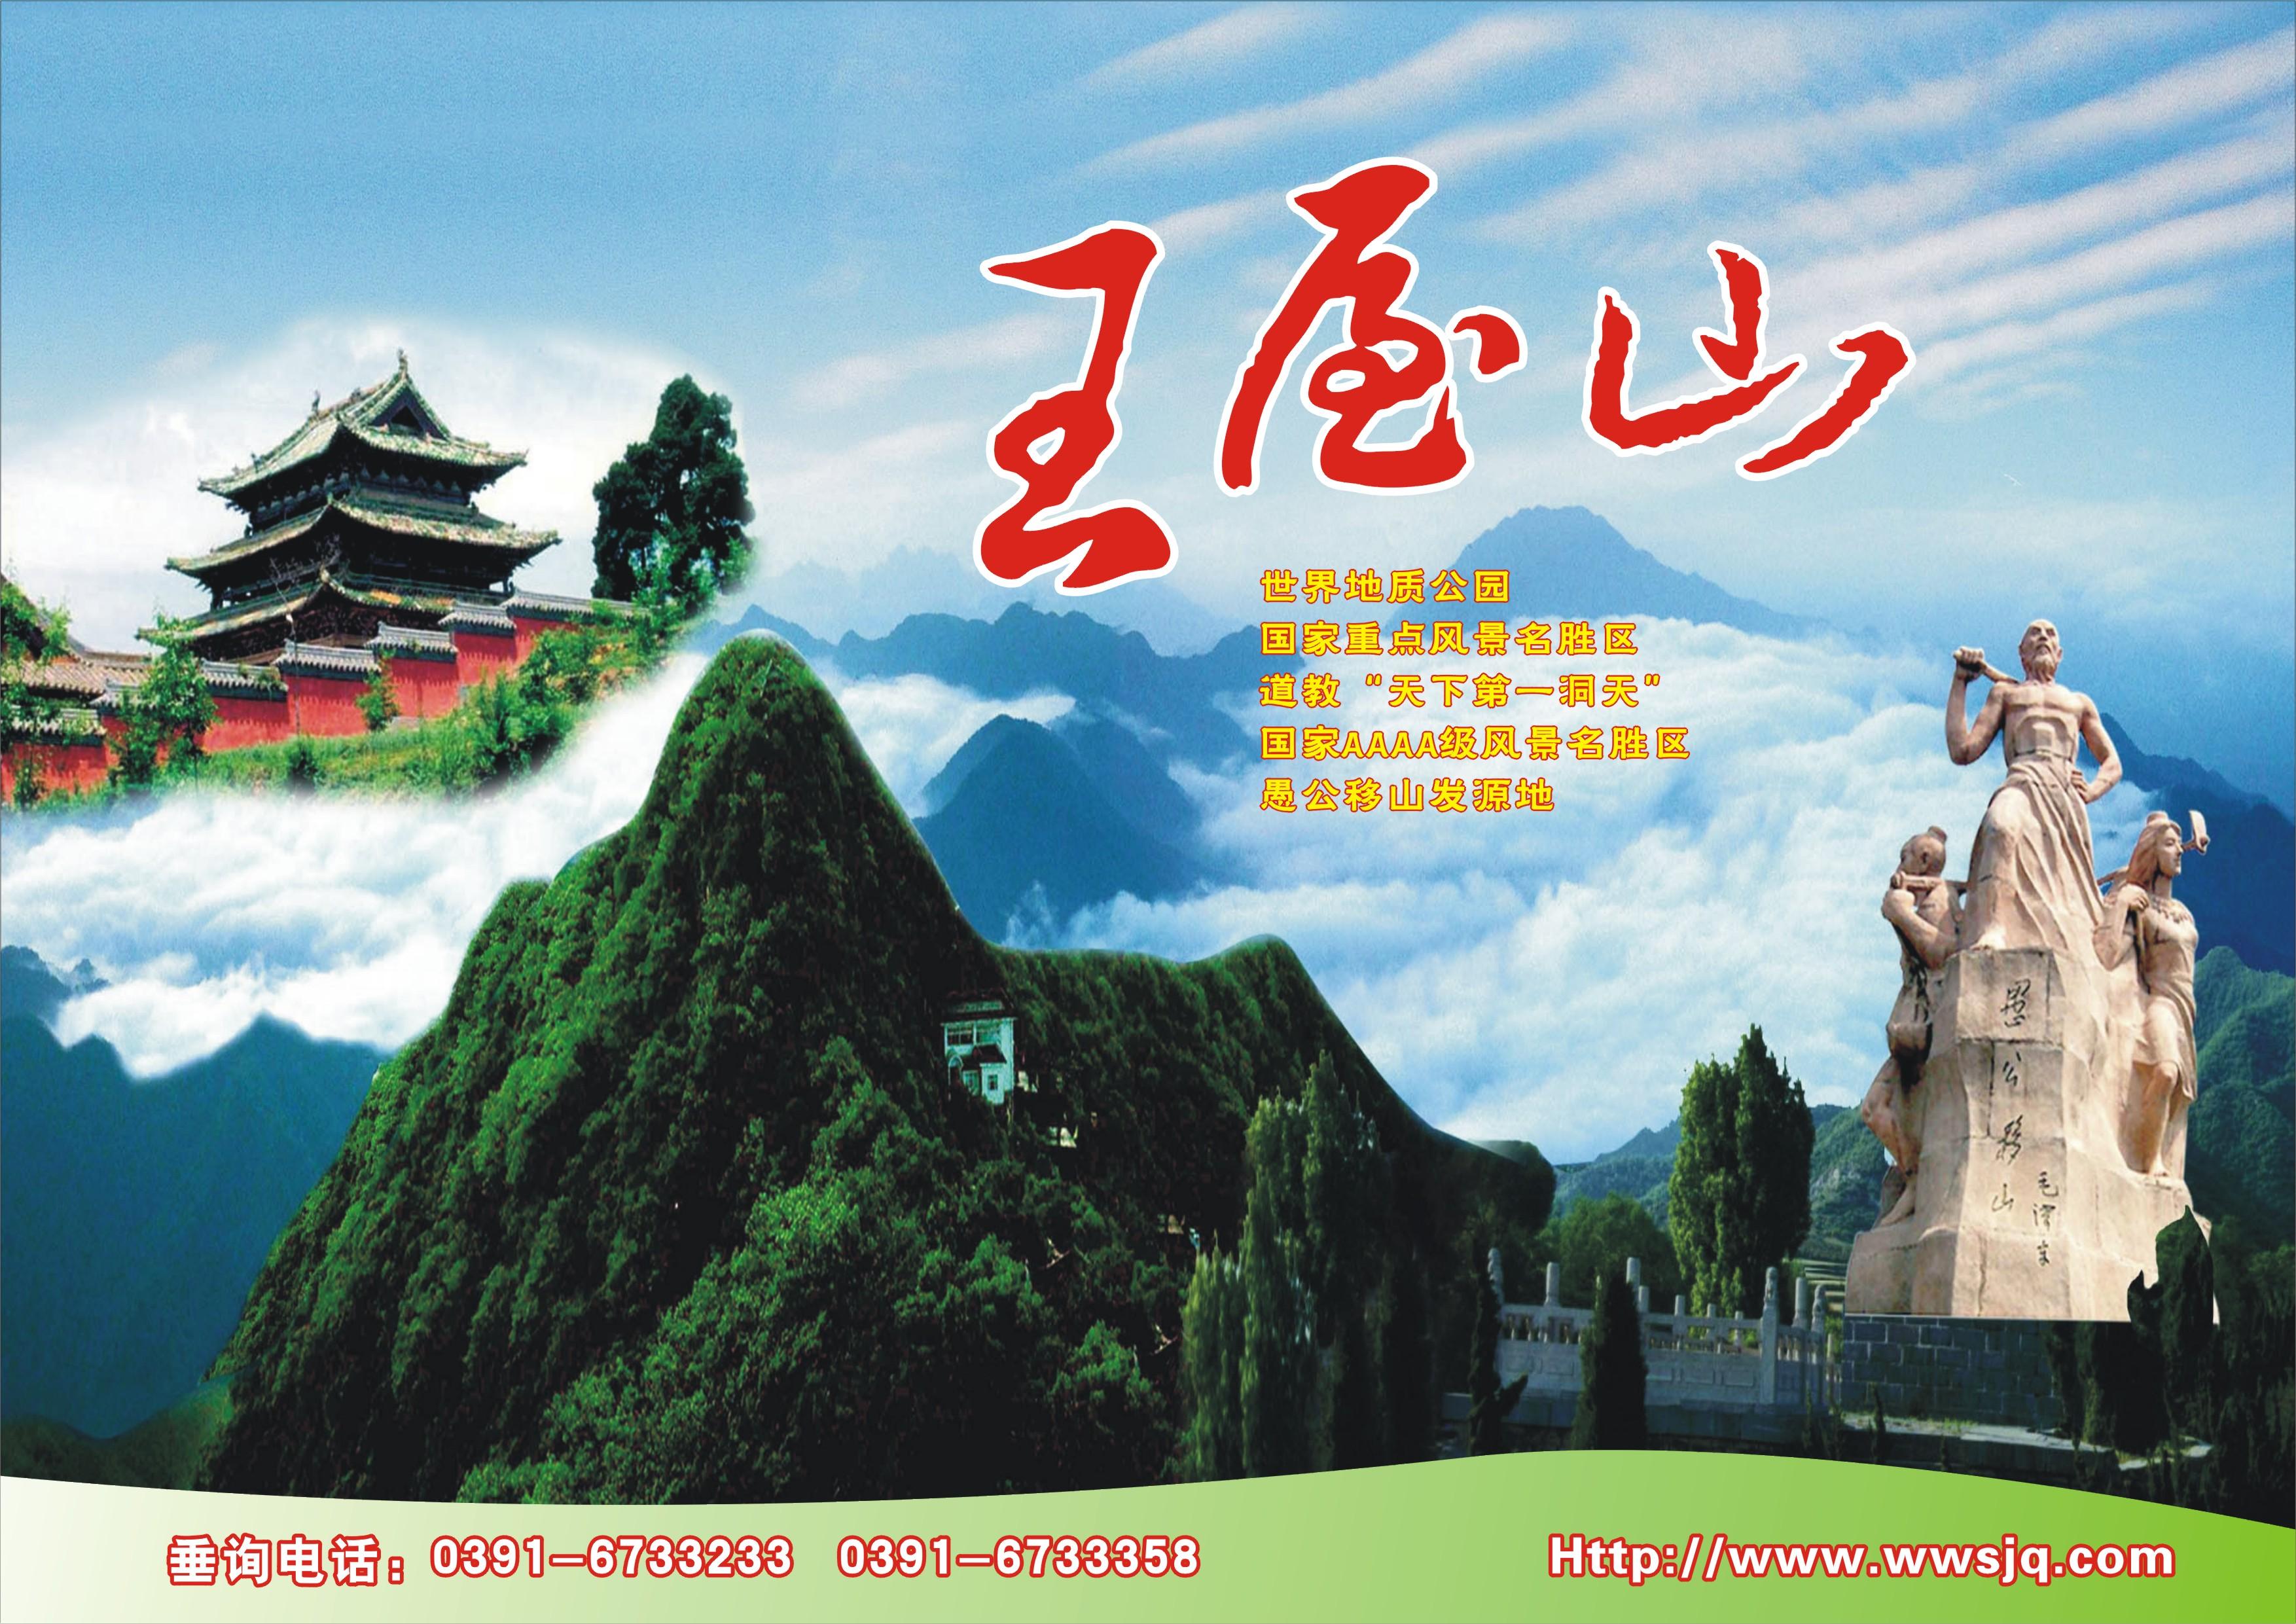 """d1:车赴被誉为""""王者之山""""的【王屋山风景区】(已含,约4小时),是中国九"""